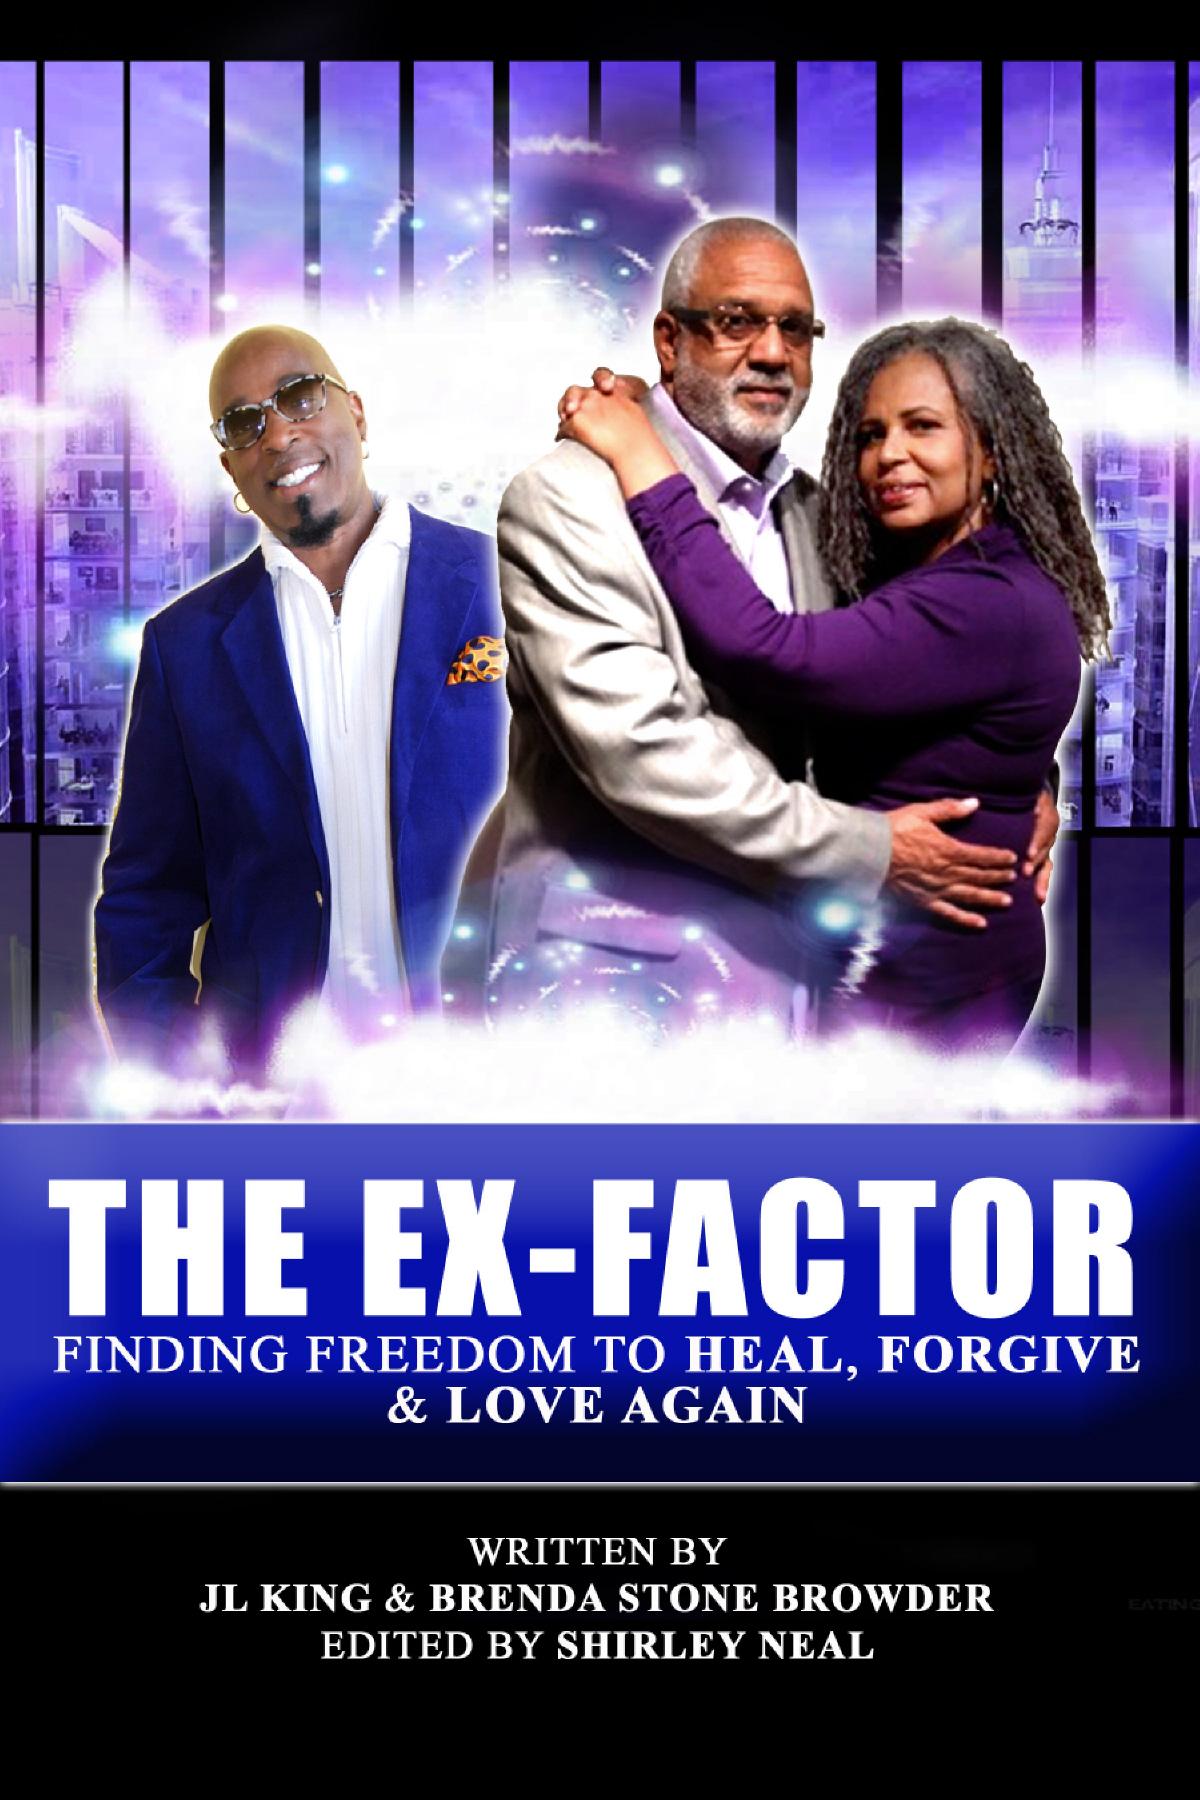 The Ex-Factor